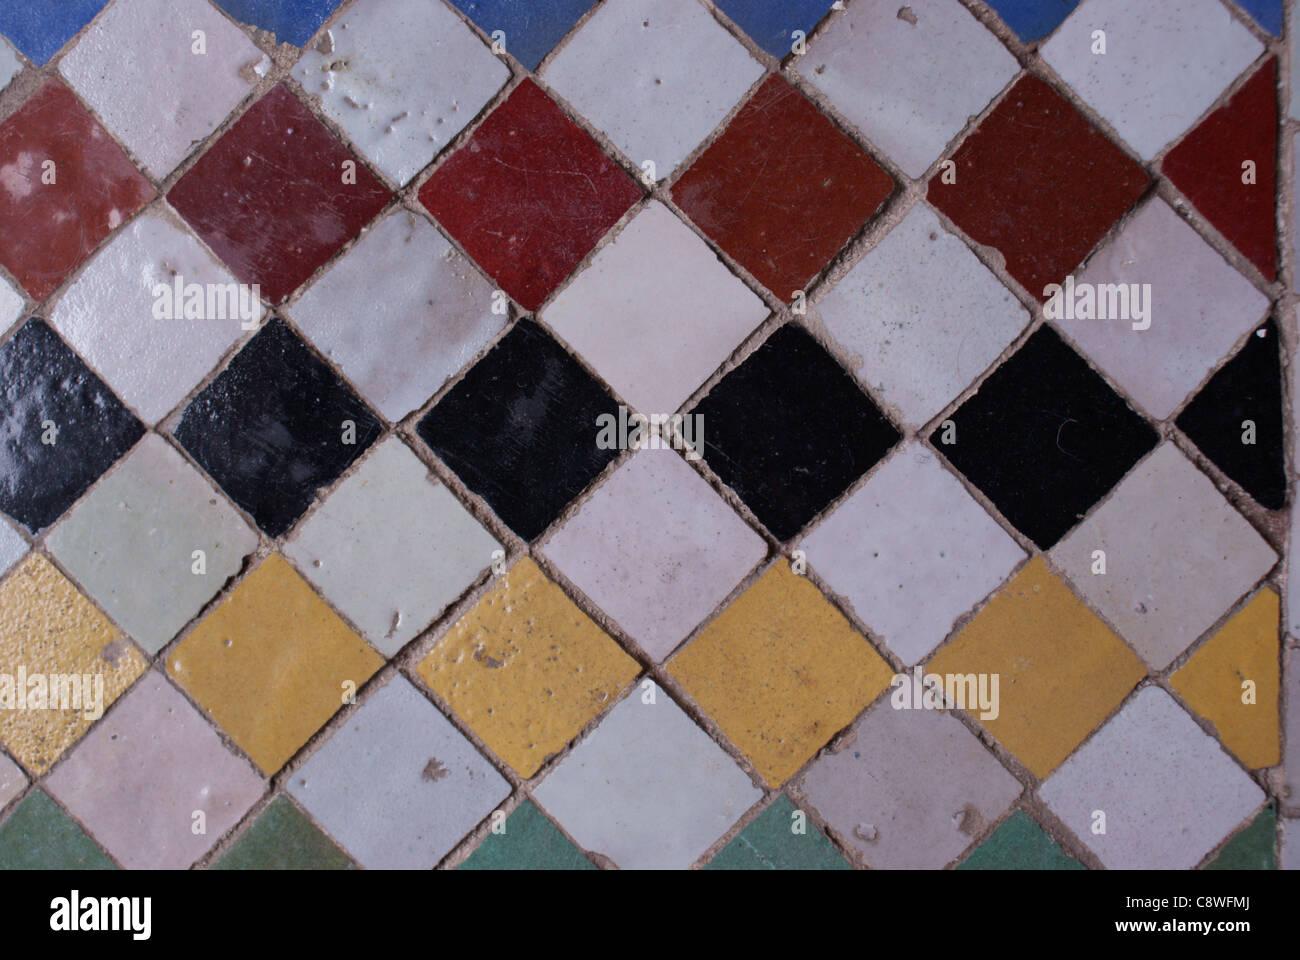 Marocchine le piastrelle del pavimento in riad marrakech foto